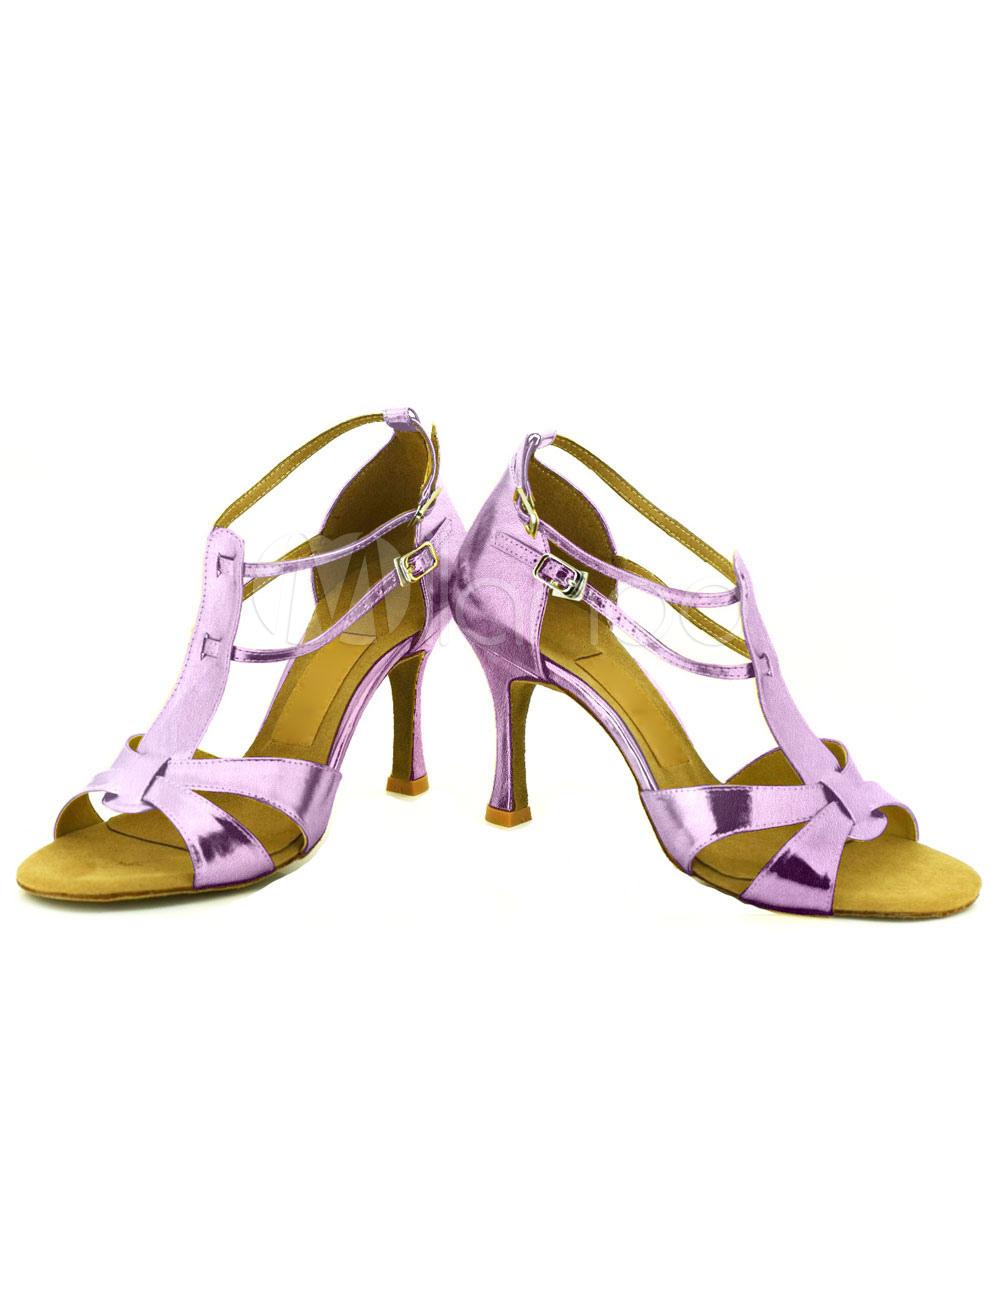 Baile zapatos del alto talón hebilla de las mujeres Cruz frontal abierto salón de baile zapatos lwQpURh